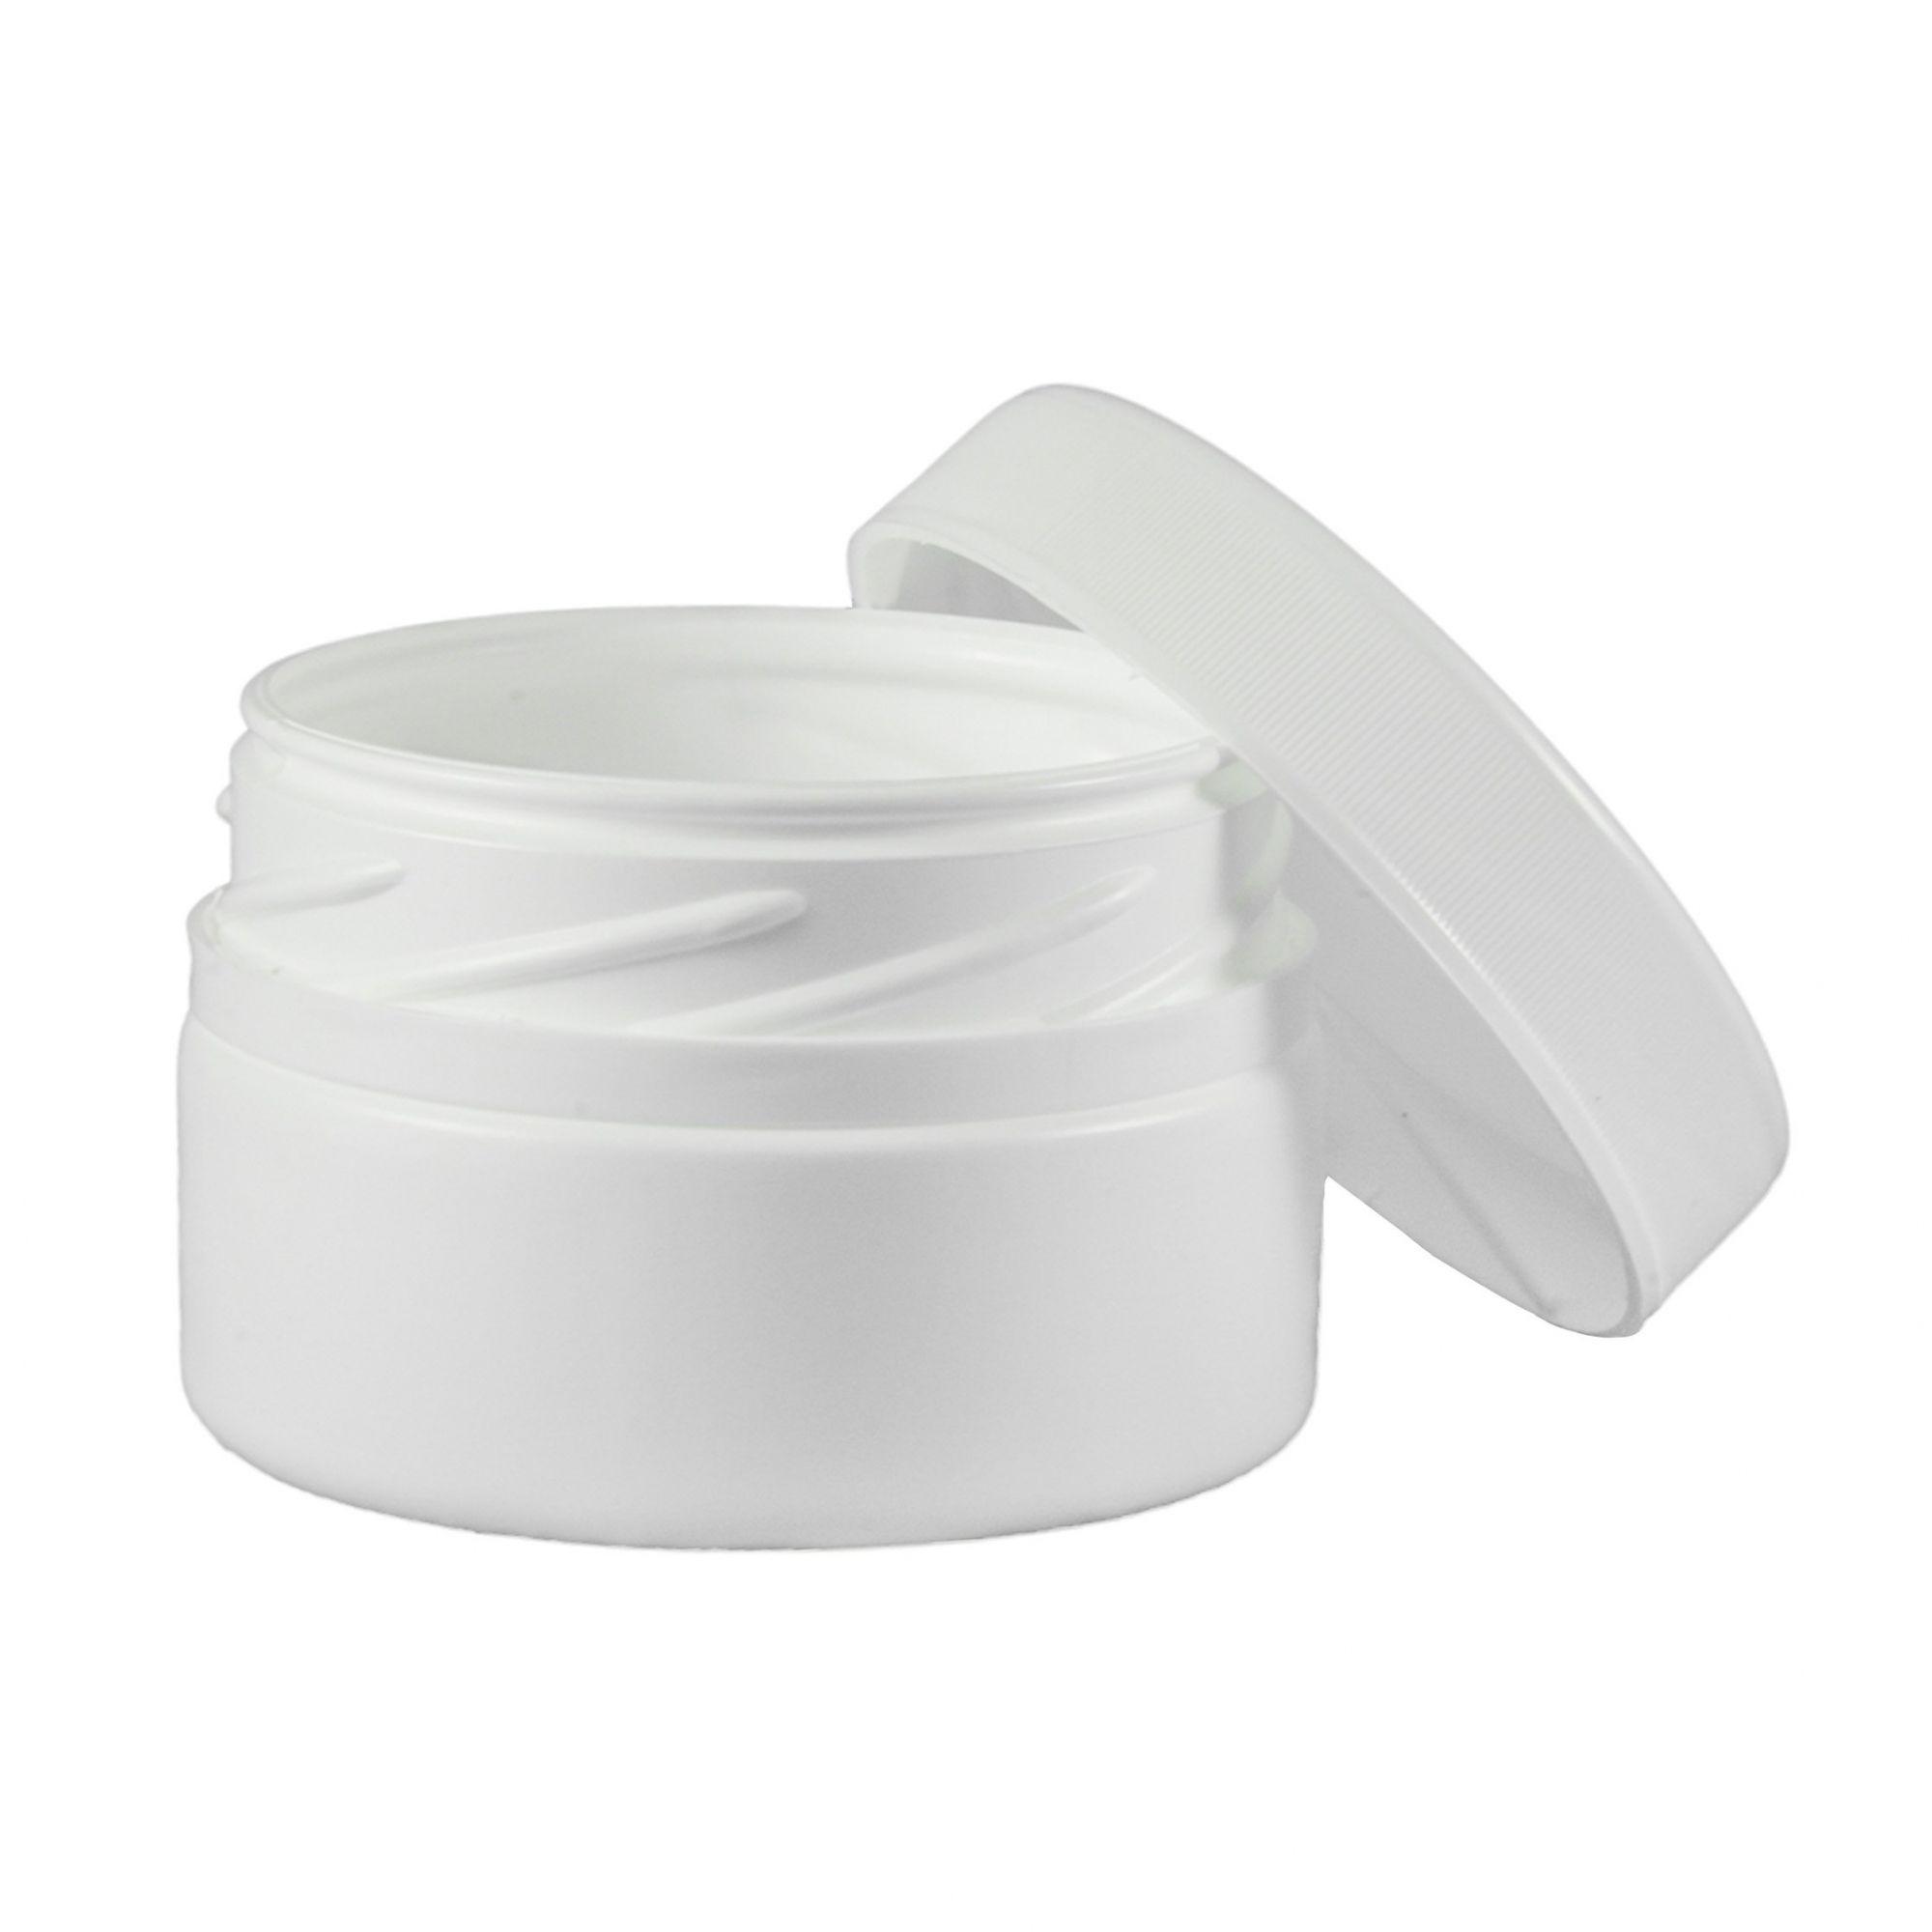 Pote de Creme e Pomada vazio de 70 ml kit com 10 Unidades.